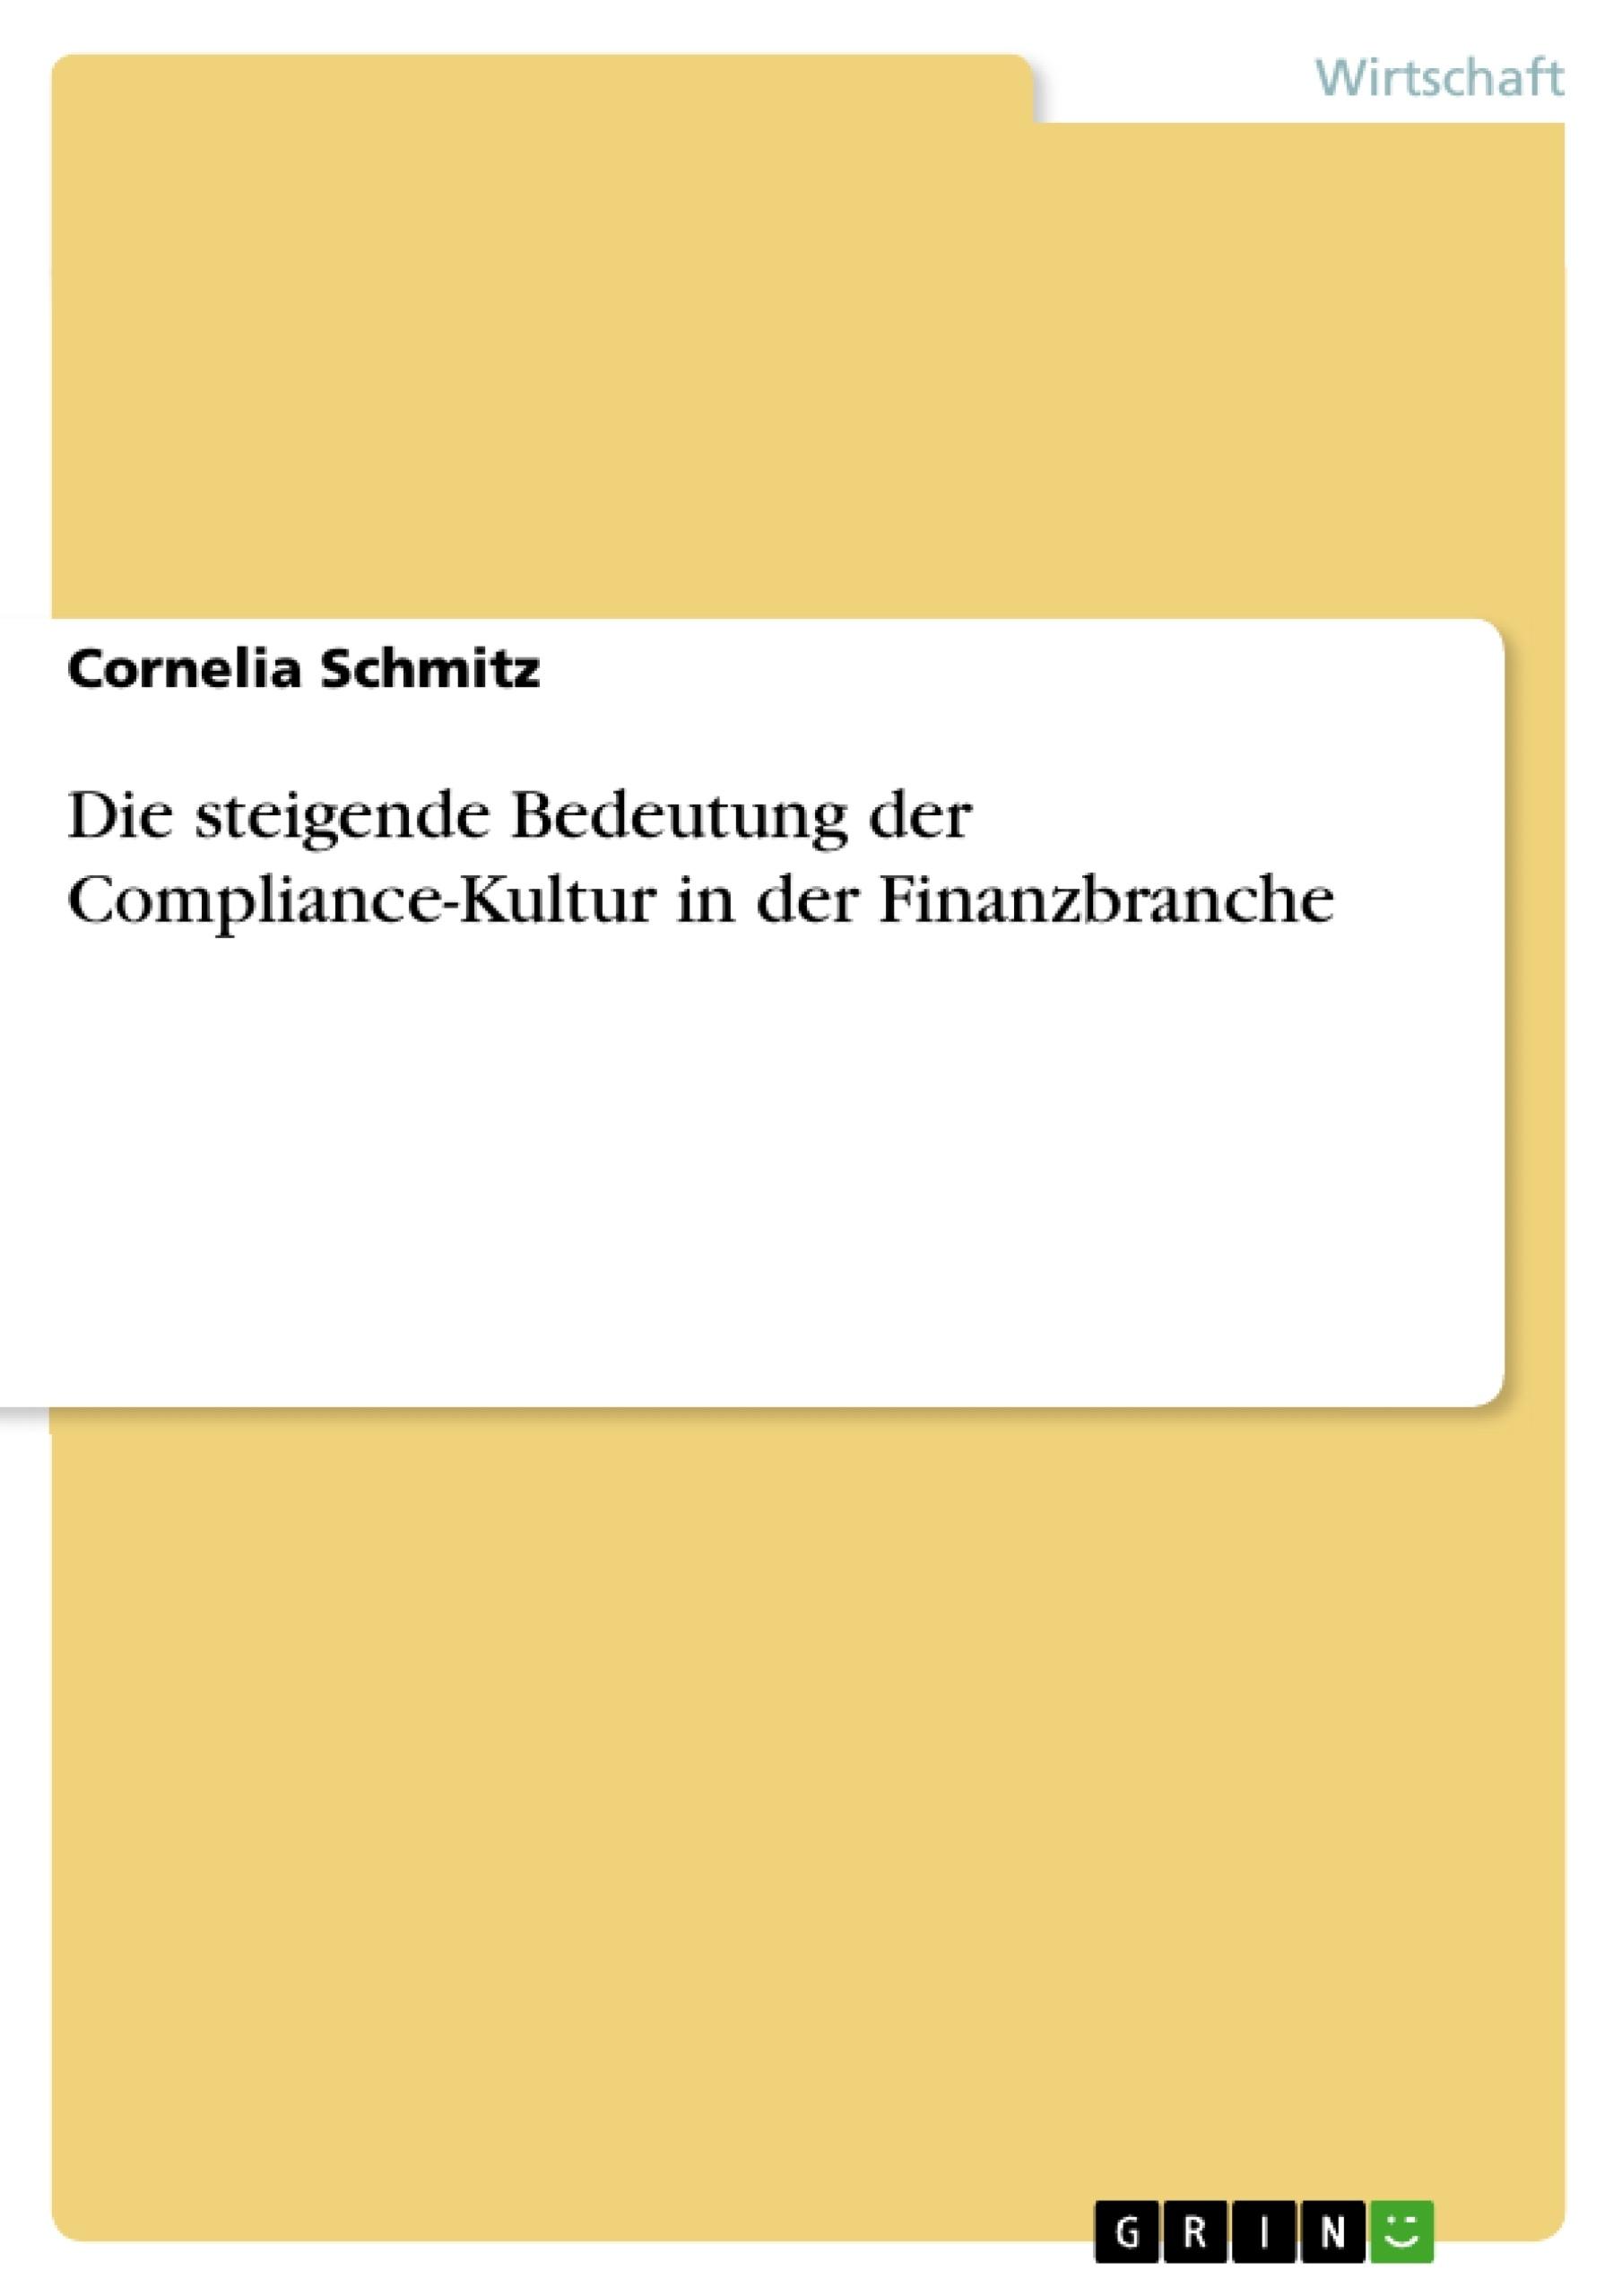 Titel: Die steigende Bedeutung der Compliance-Kultur in der Finanzbranche